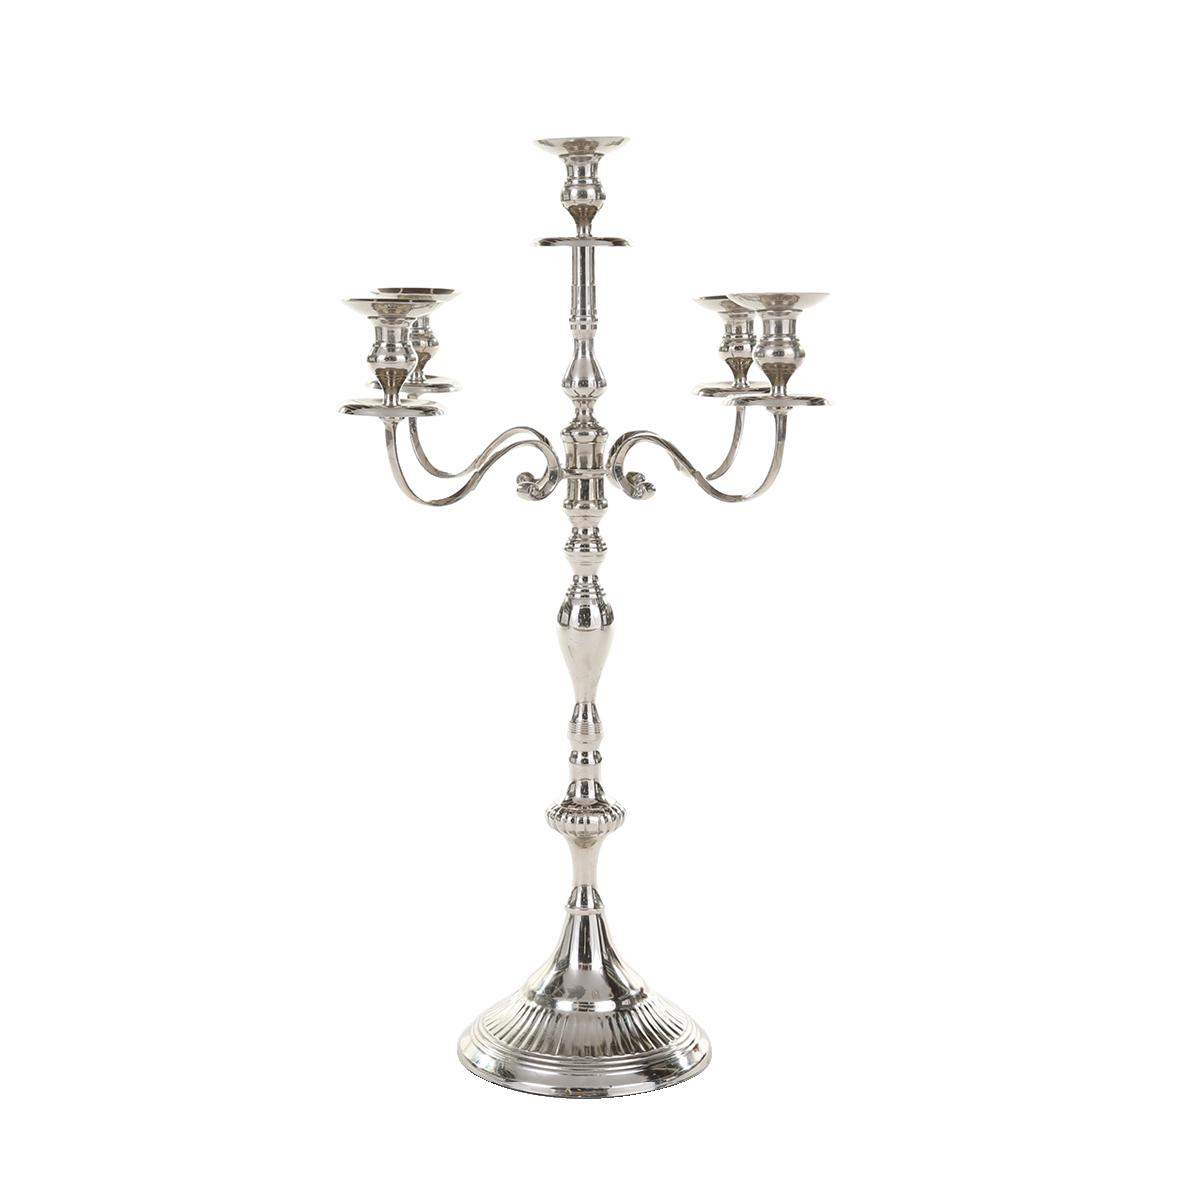 dieeventausstatter Kerzenleuchter 5-flammig in silber 80 cm